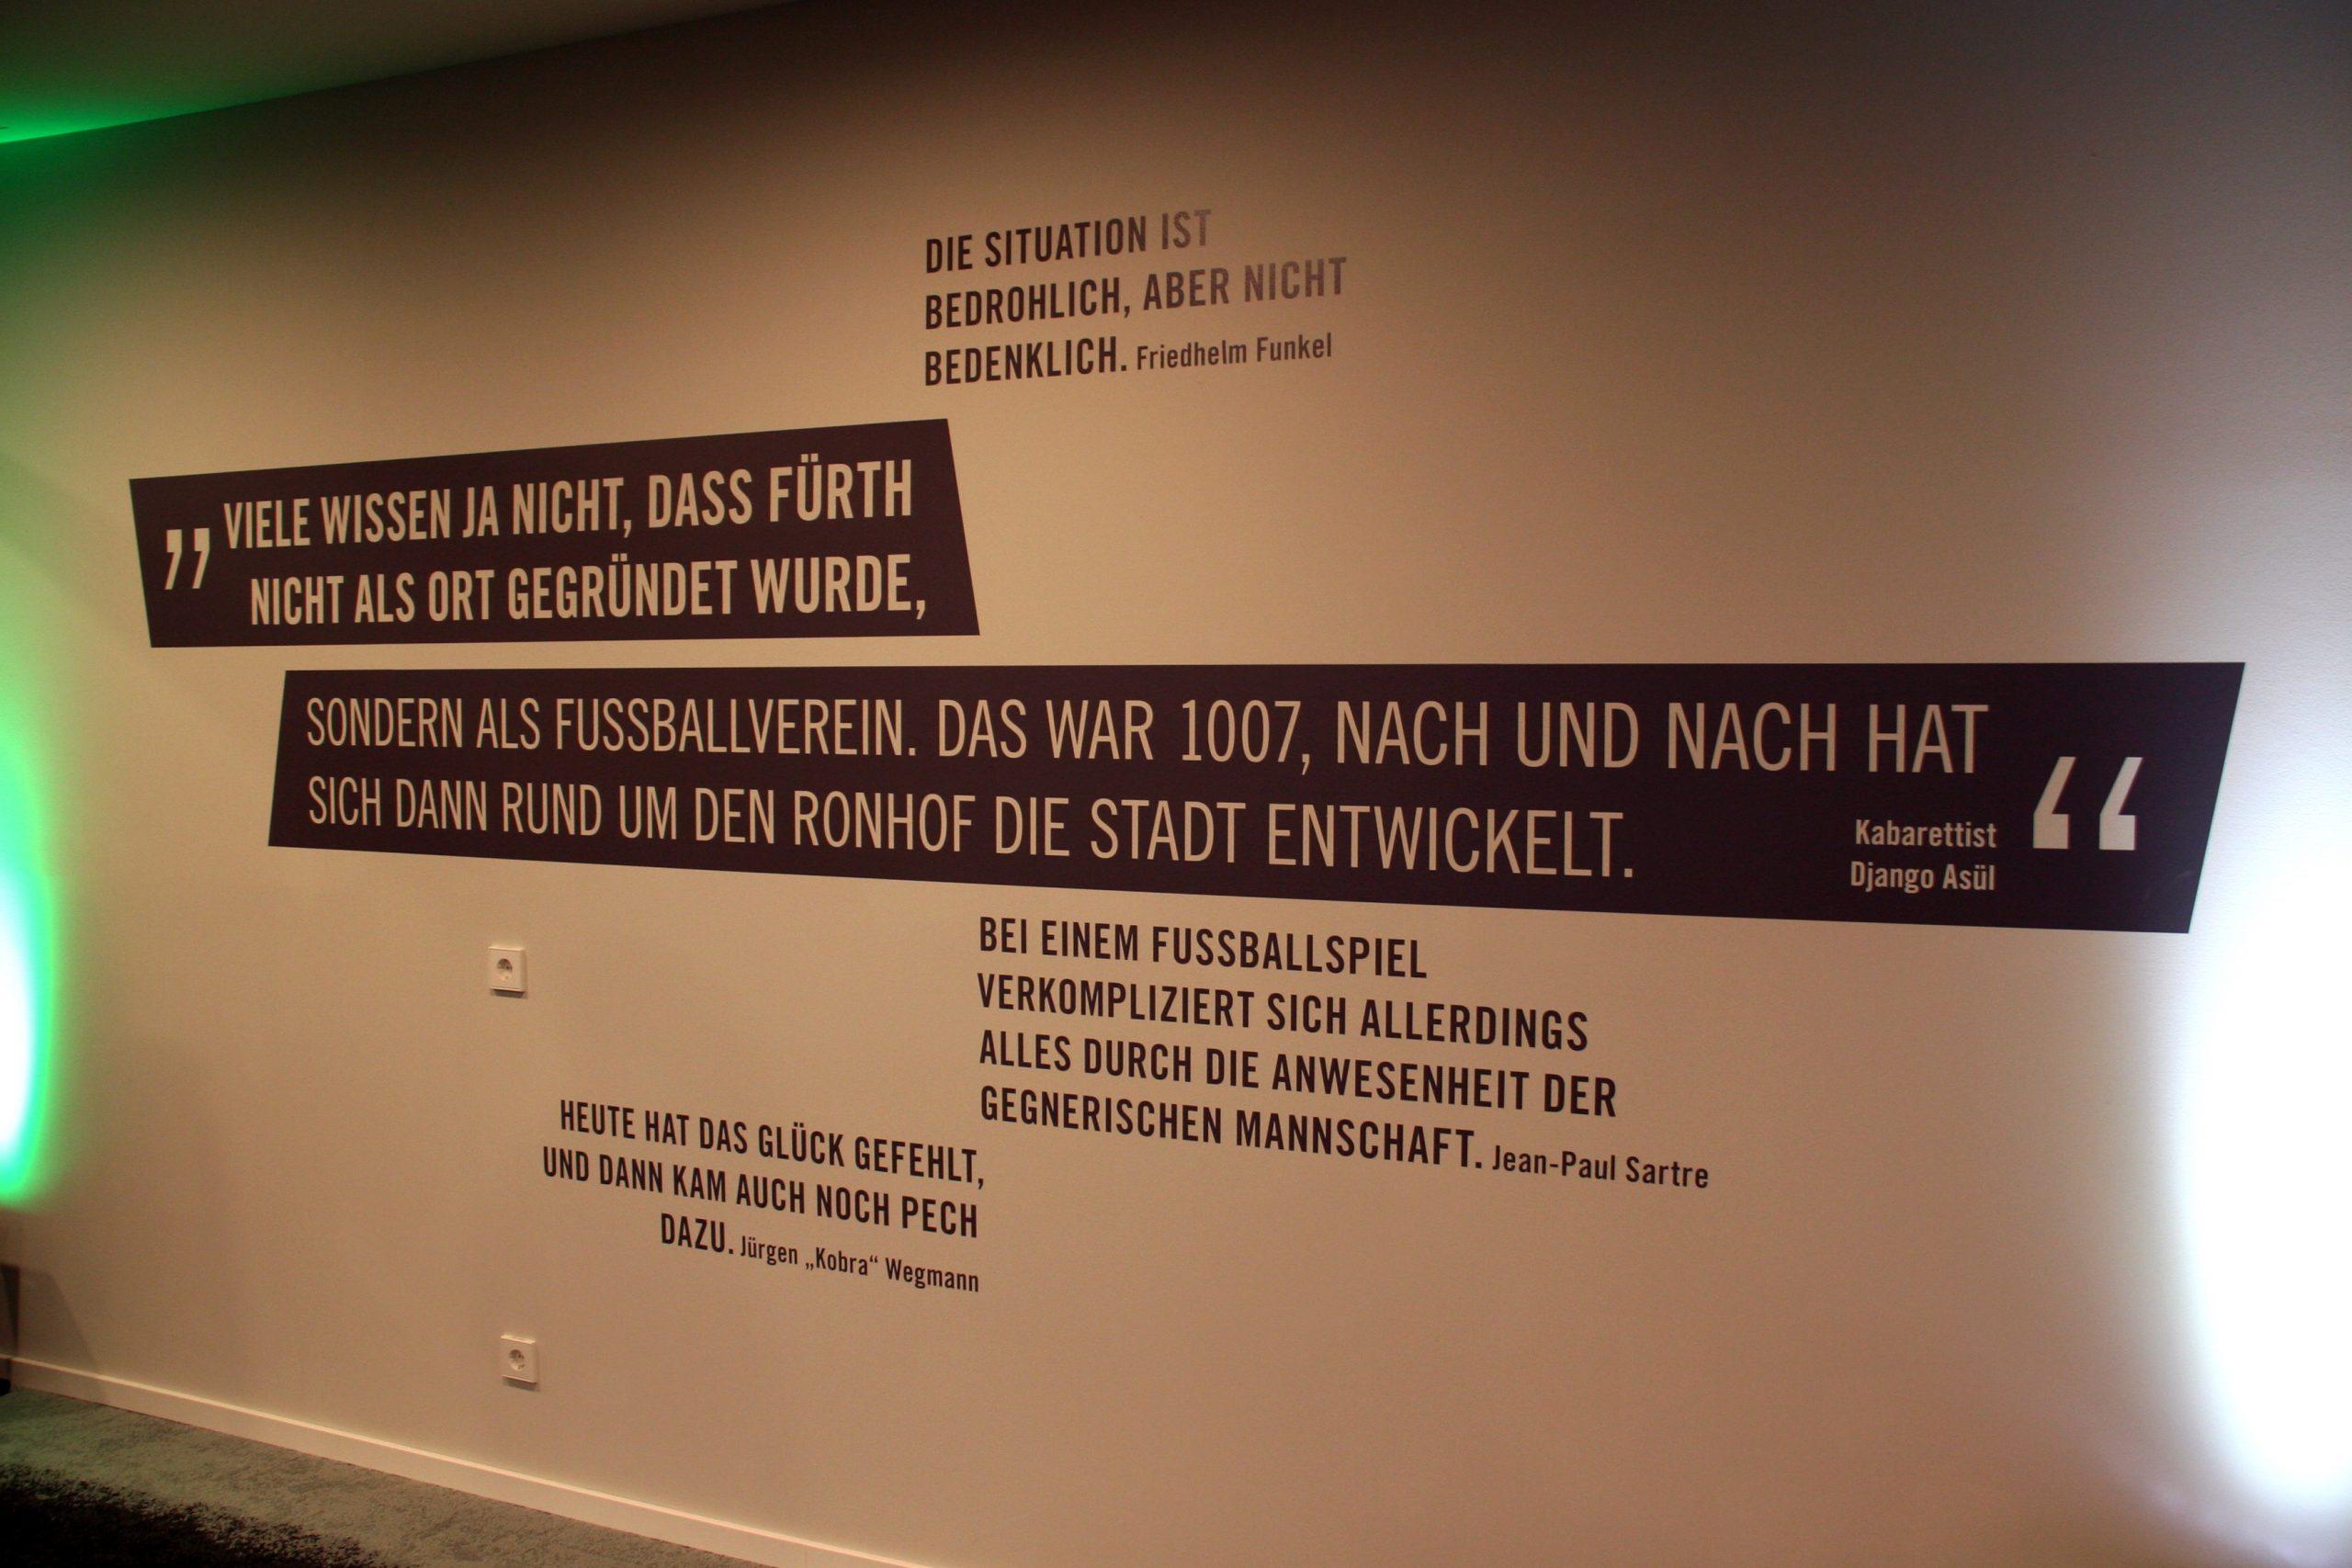 Full Size of Wandsprüche Familie Wandsprüche österreich Schöne Wandsprüche Wohnzimmer Wandsprüche Selber Gestalten Küche Wandsprüche